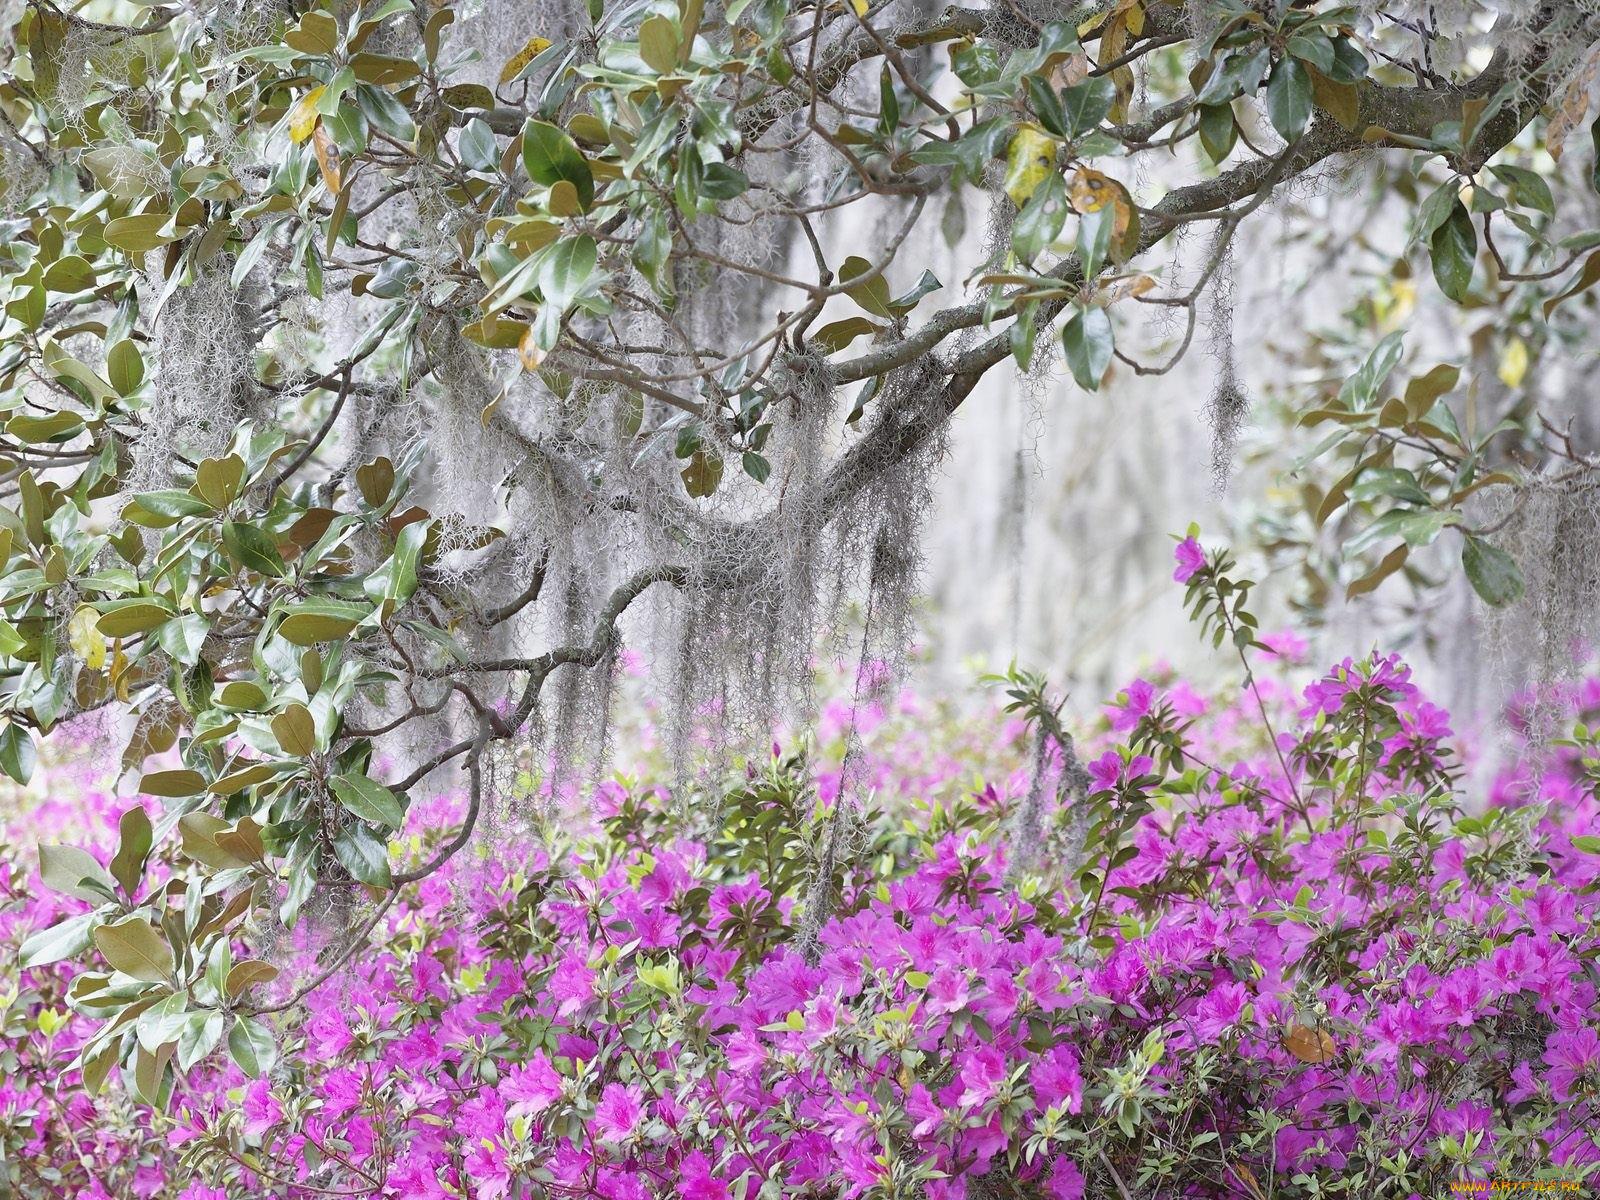 Цветущая азалия, природа 1600х1200 - Обои для рабочего стола.  Wallpapers.